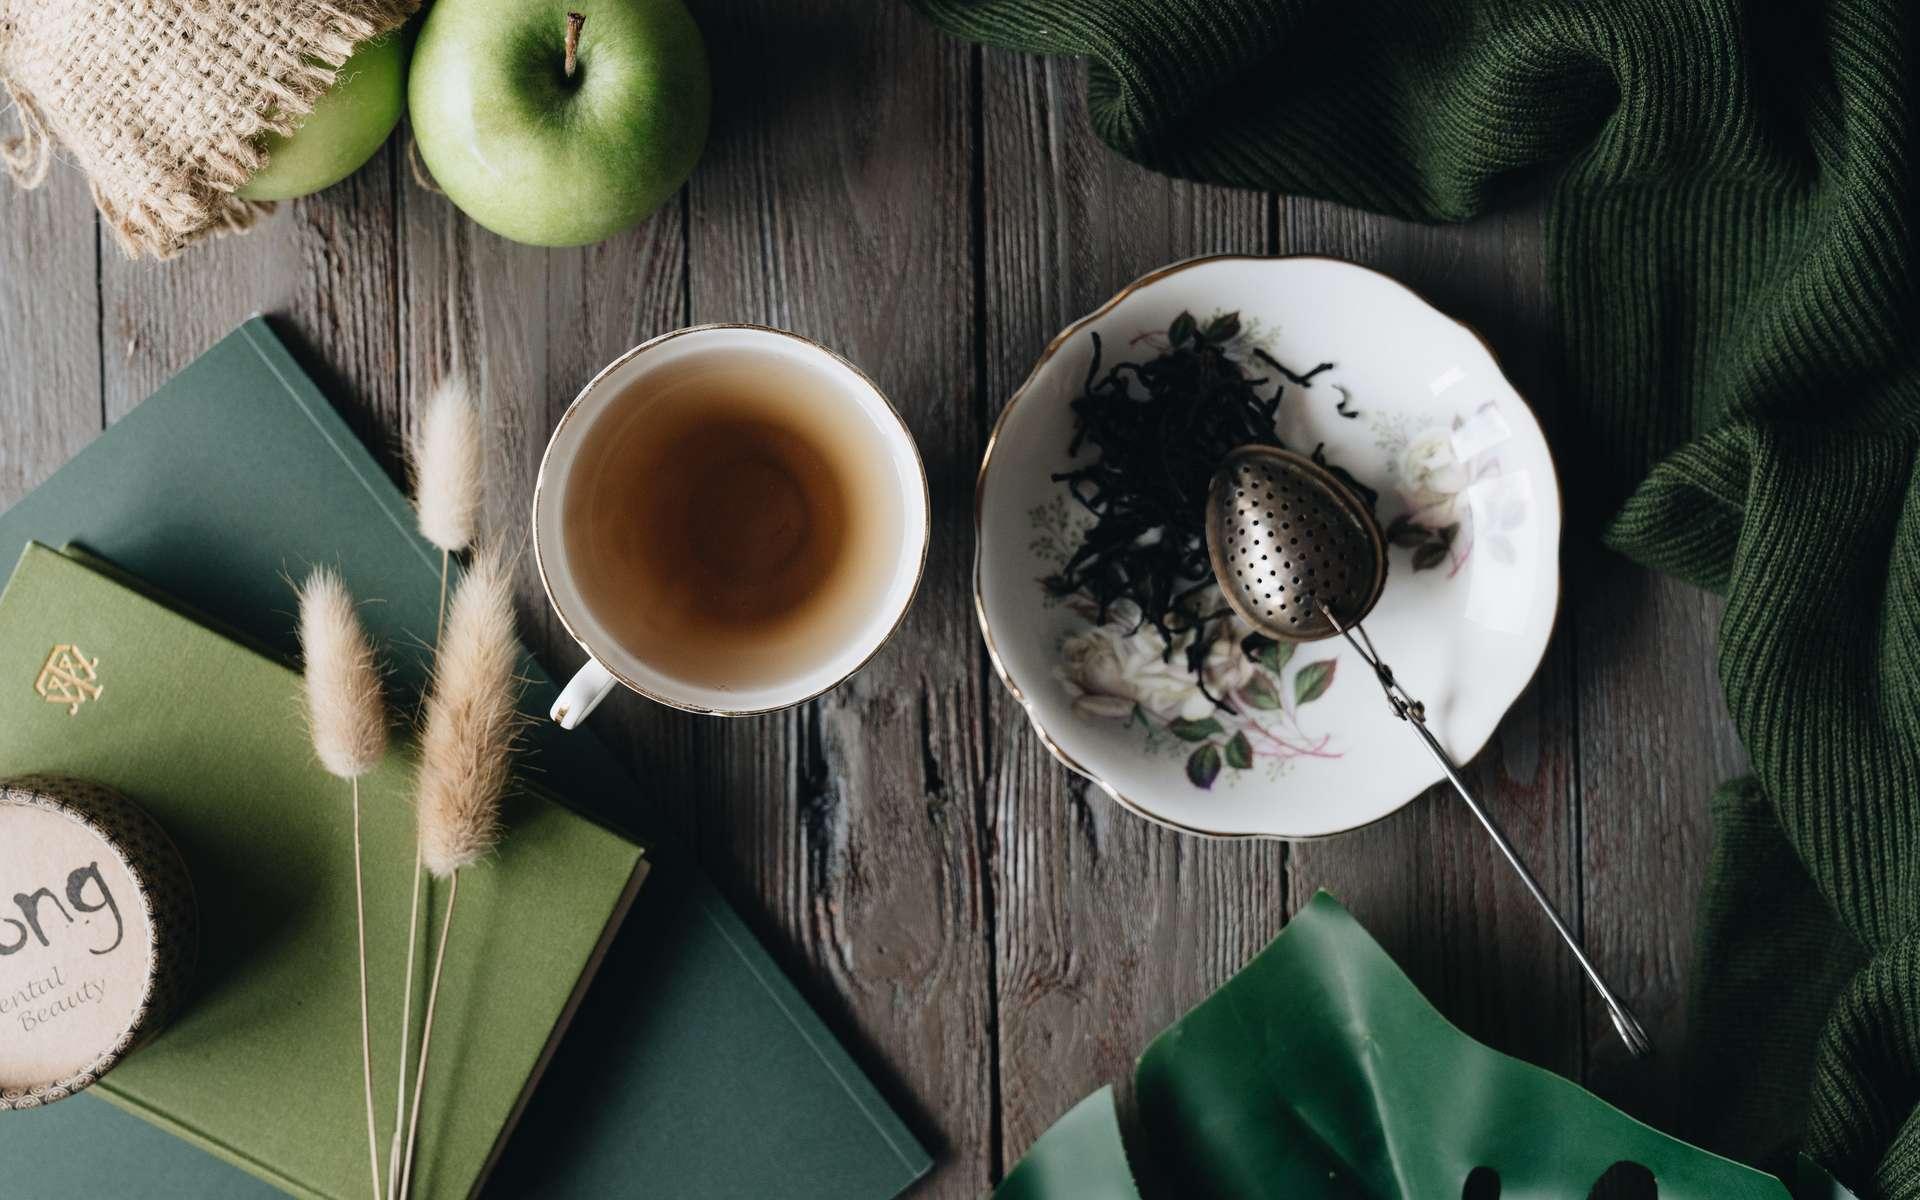 Le thé, une boisson aux propriétés bienfaisantes à laisser infuser trois minutes environ. © Alleksana, Pexels